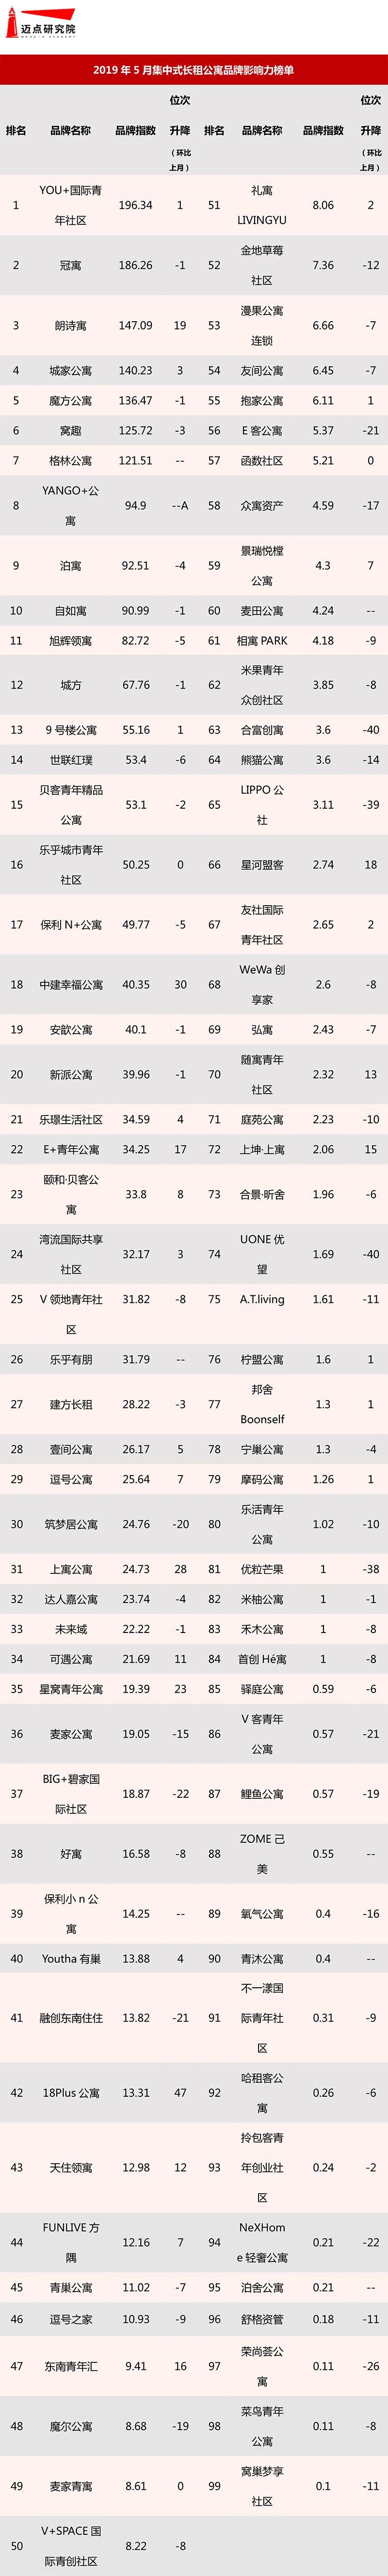 2019年5月集中式长租公寓品牌影响力榜单-1.jpg